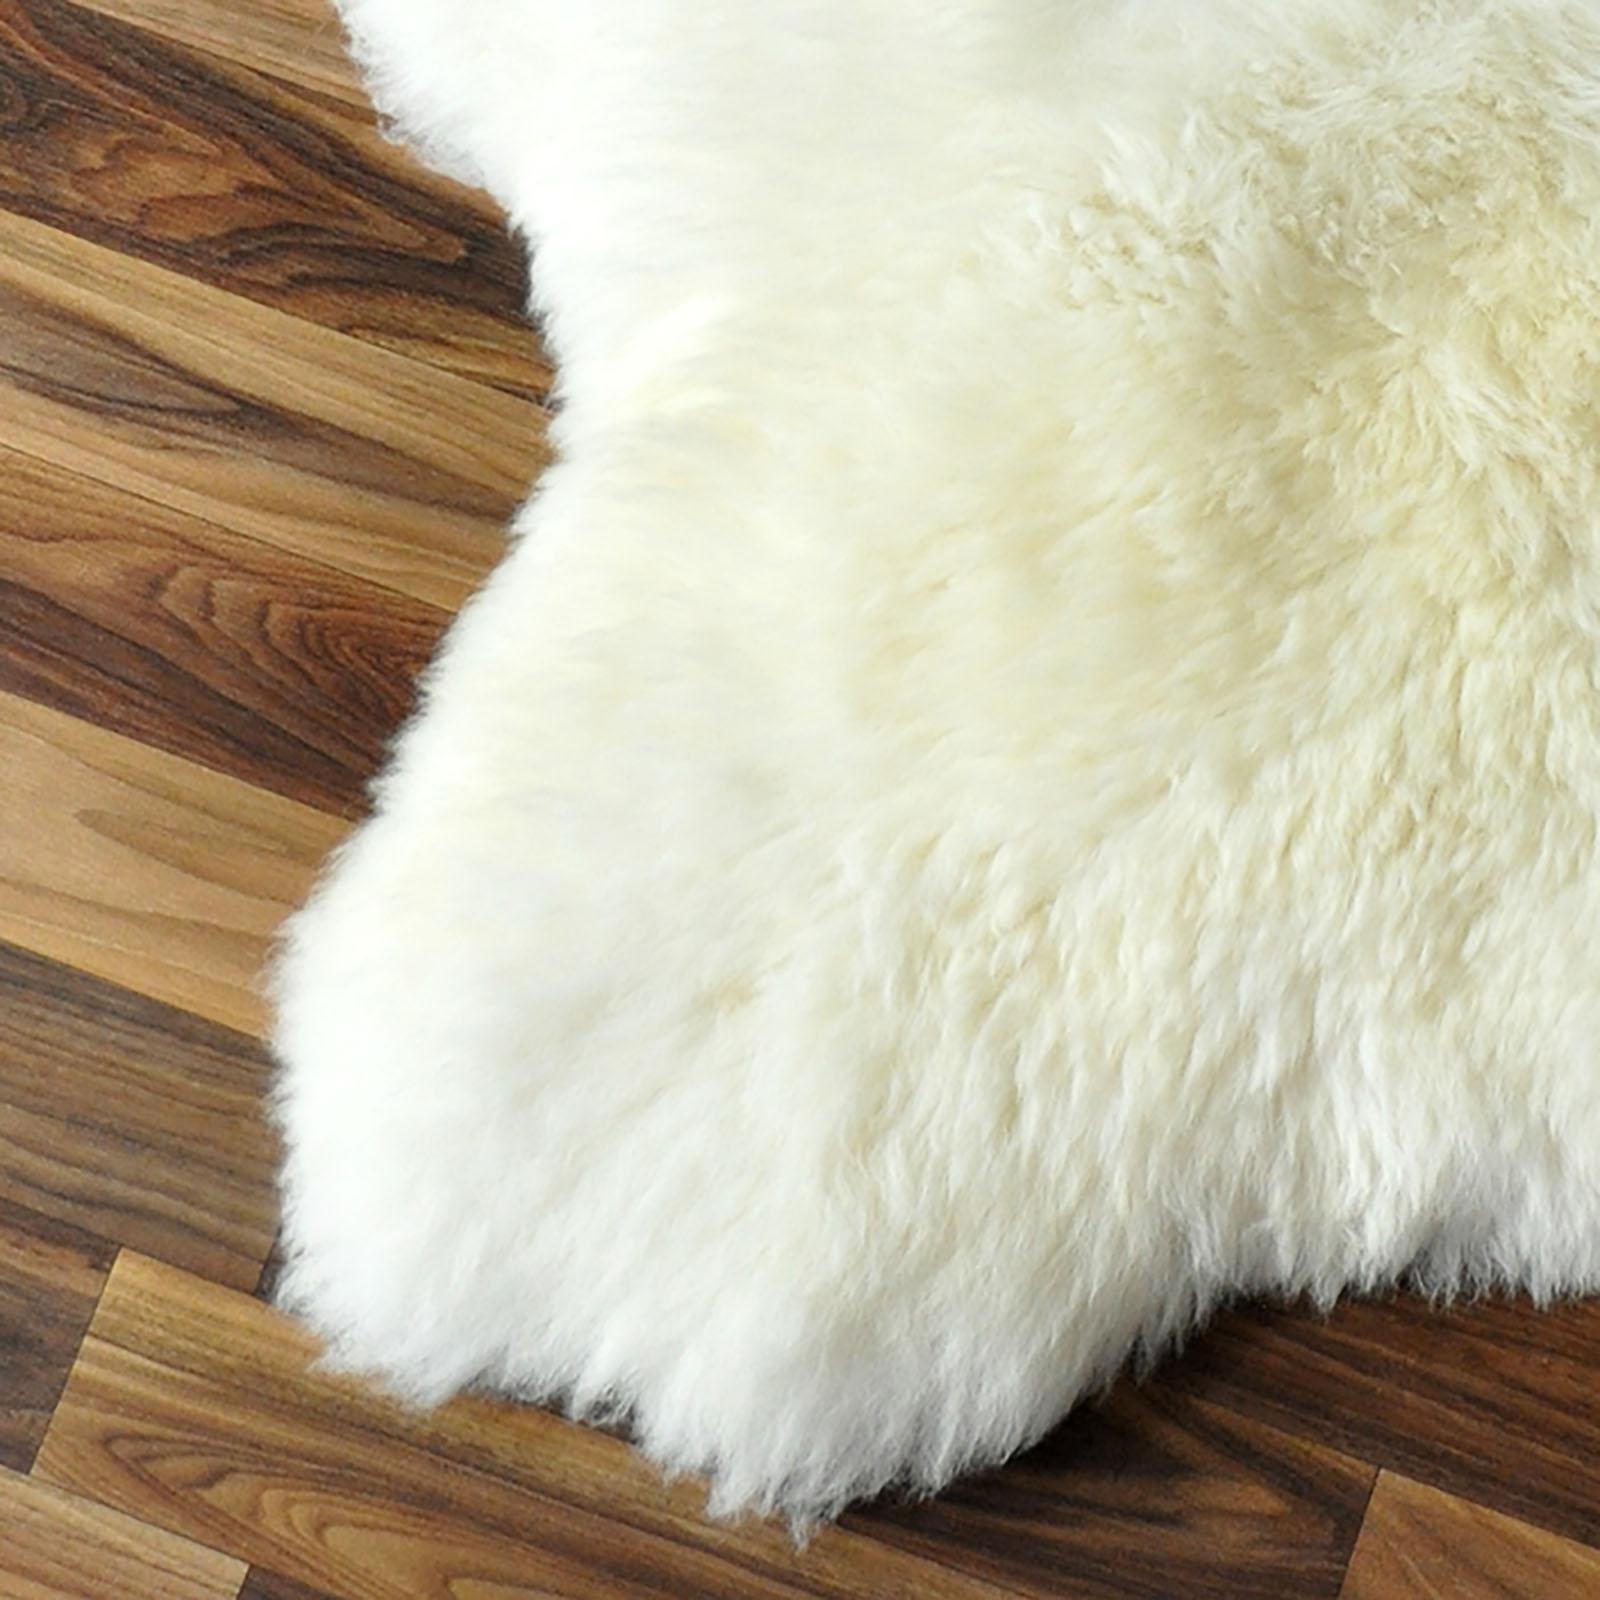 ko schaffell lammfell natur wei 90 100 x 50 60 cm geschenk 1501. Black Bedroom Furniture Sets. Home Design Ideas